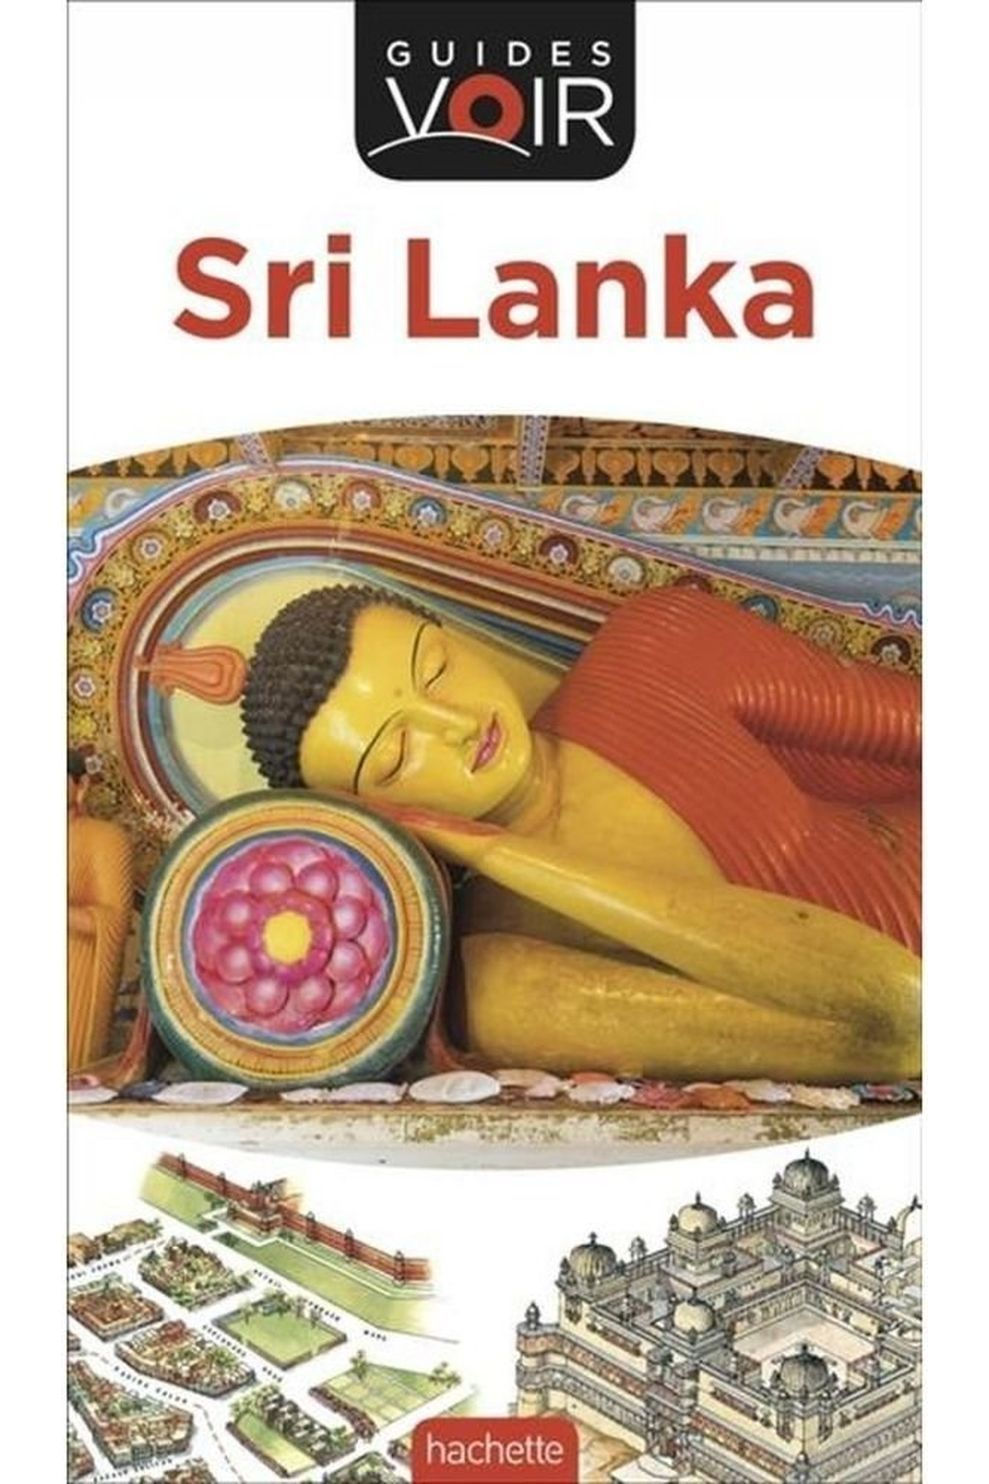 Voir Sri Lanka Guide Voir - 2017